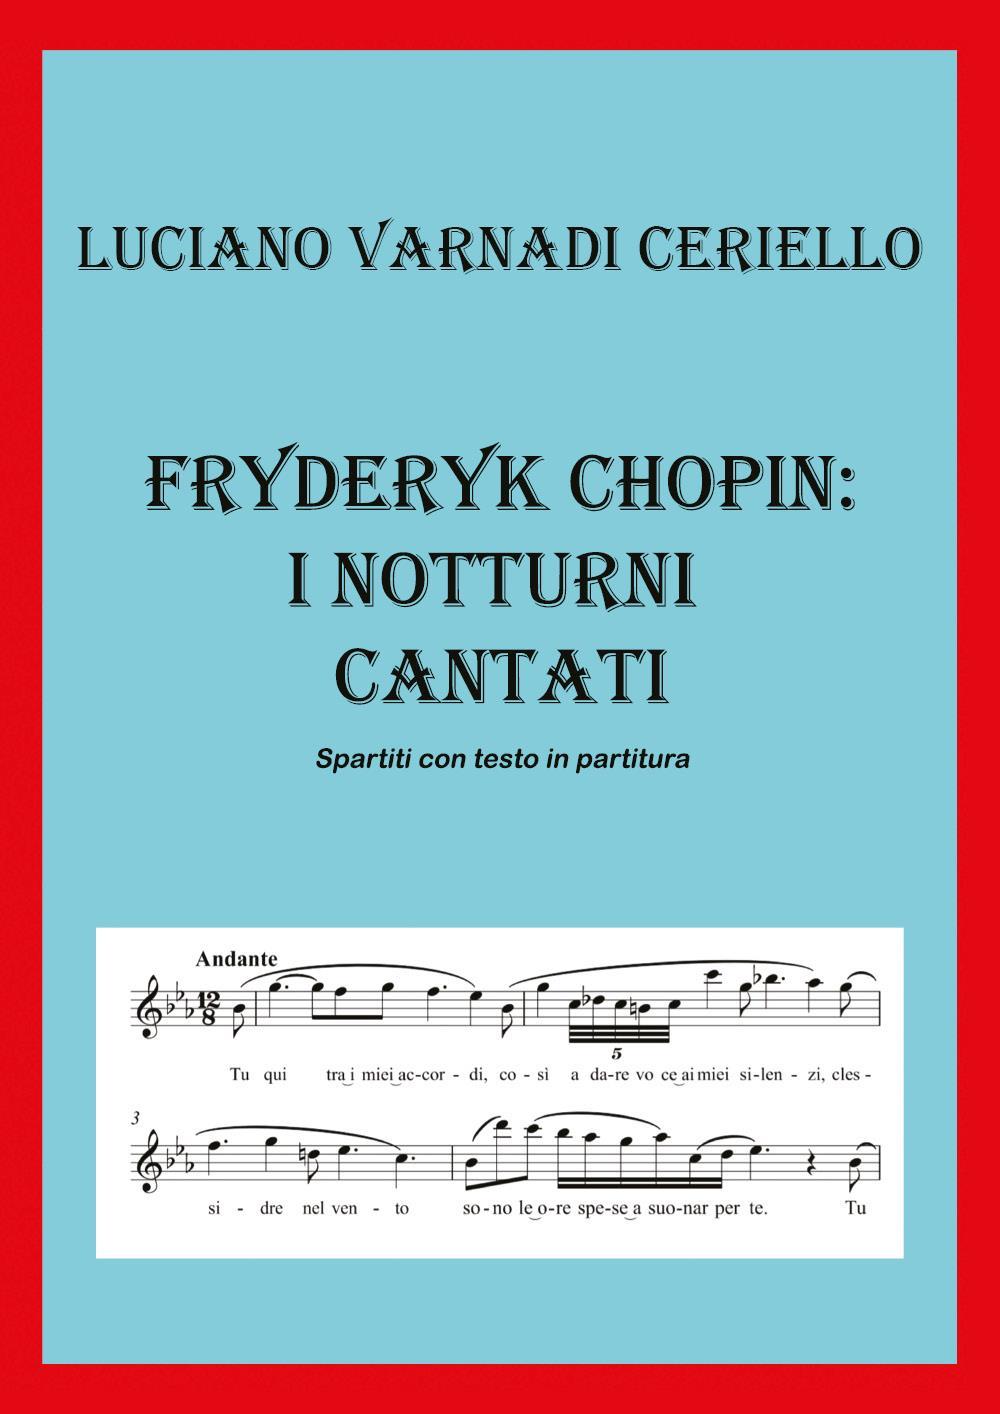 Fryderyk Chopin: I Notturni cantati